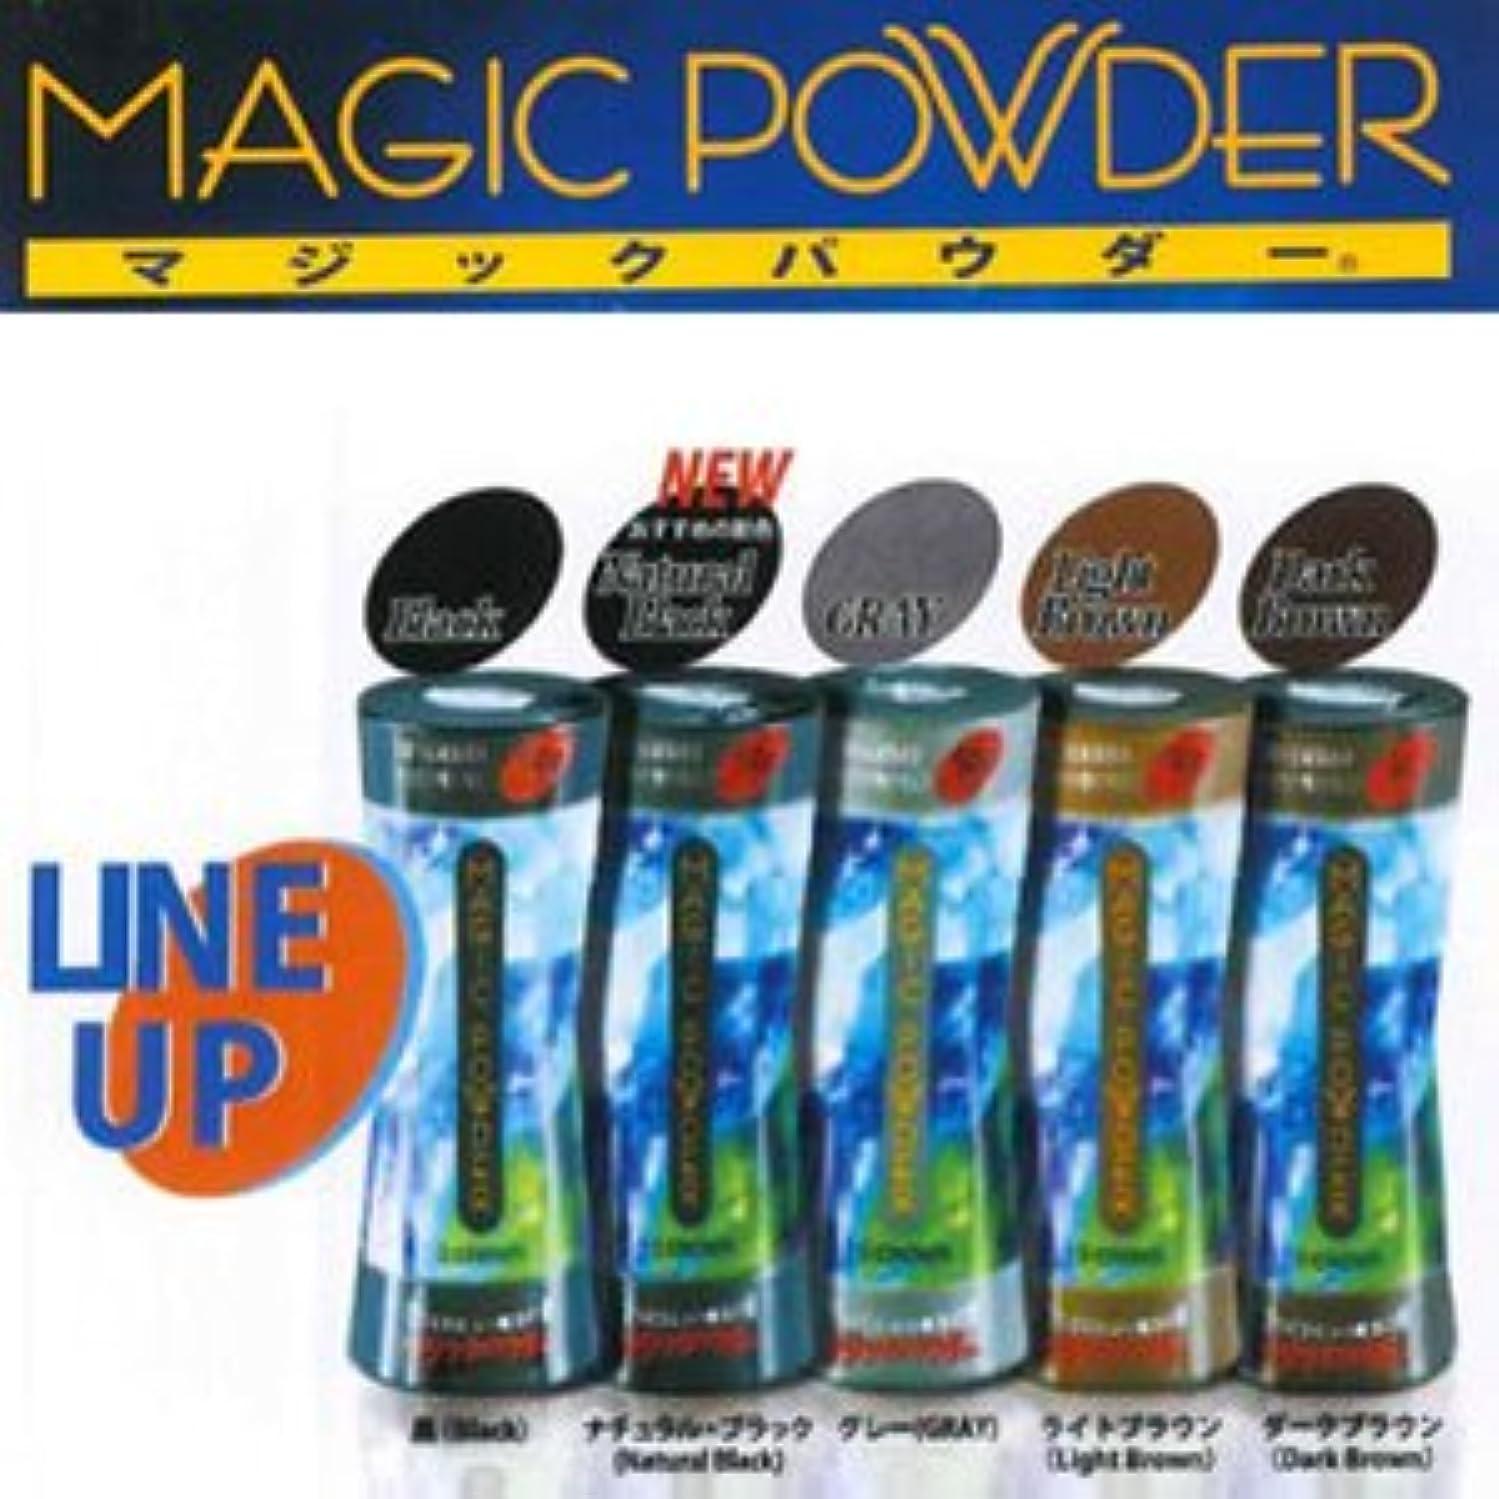 知覚的比較的応用MAGIC POWDER マジックパウダー ダークブラウン 50g  ※貴方の髪を簡単ボリュームアップ!